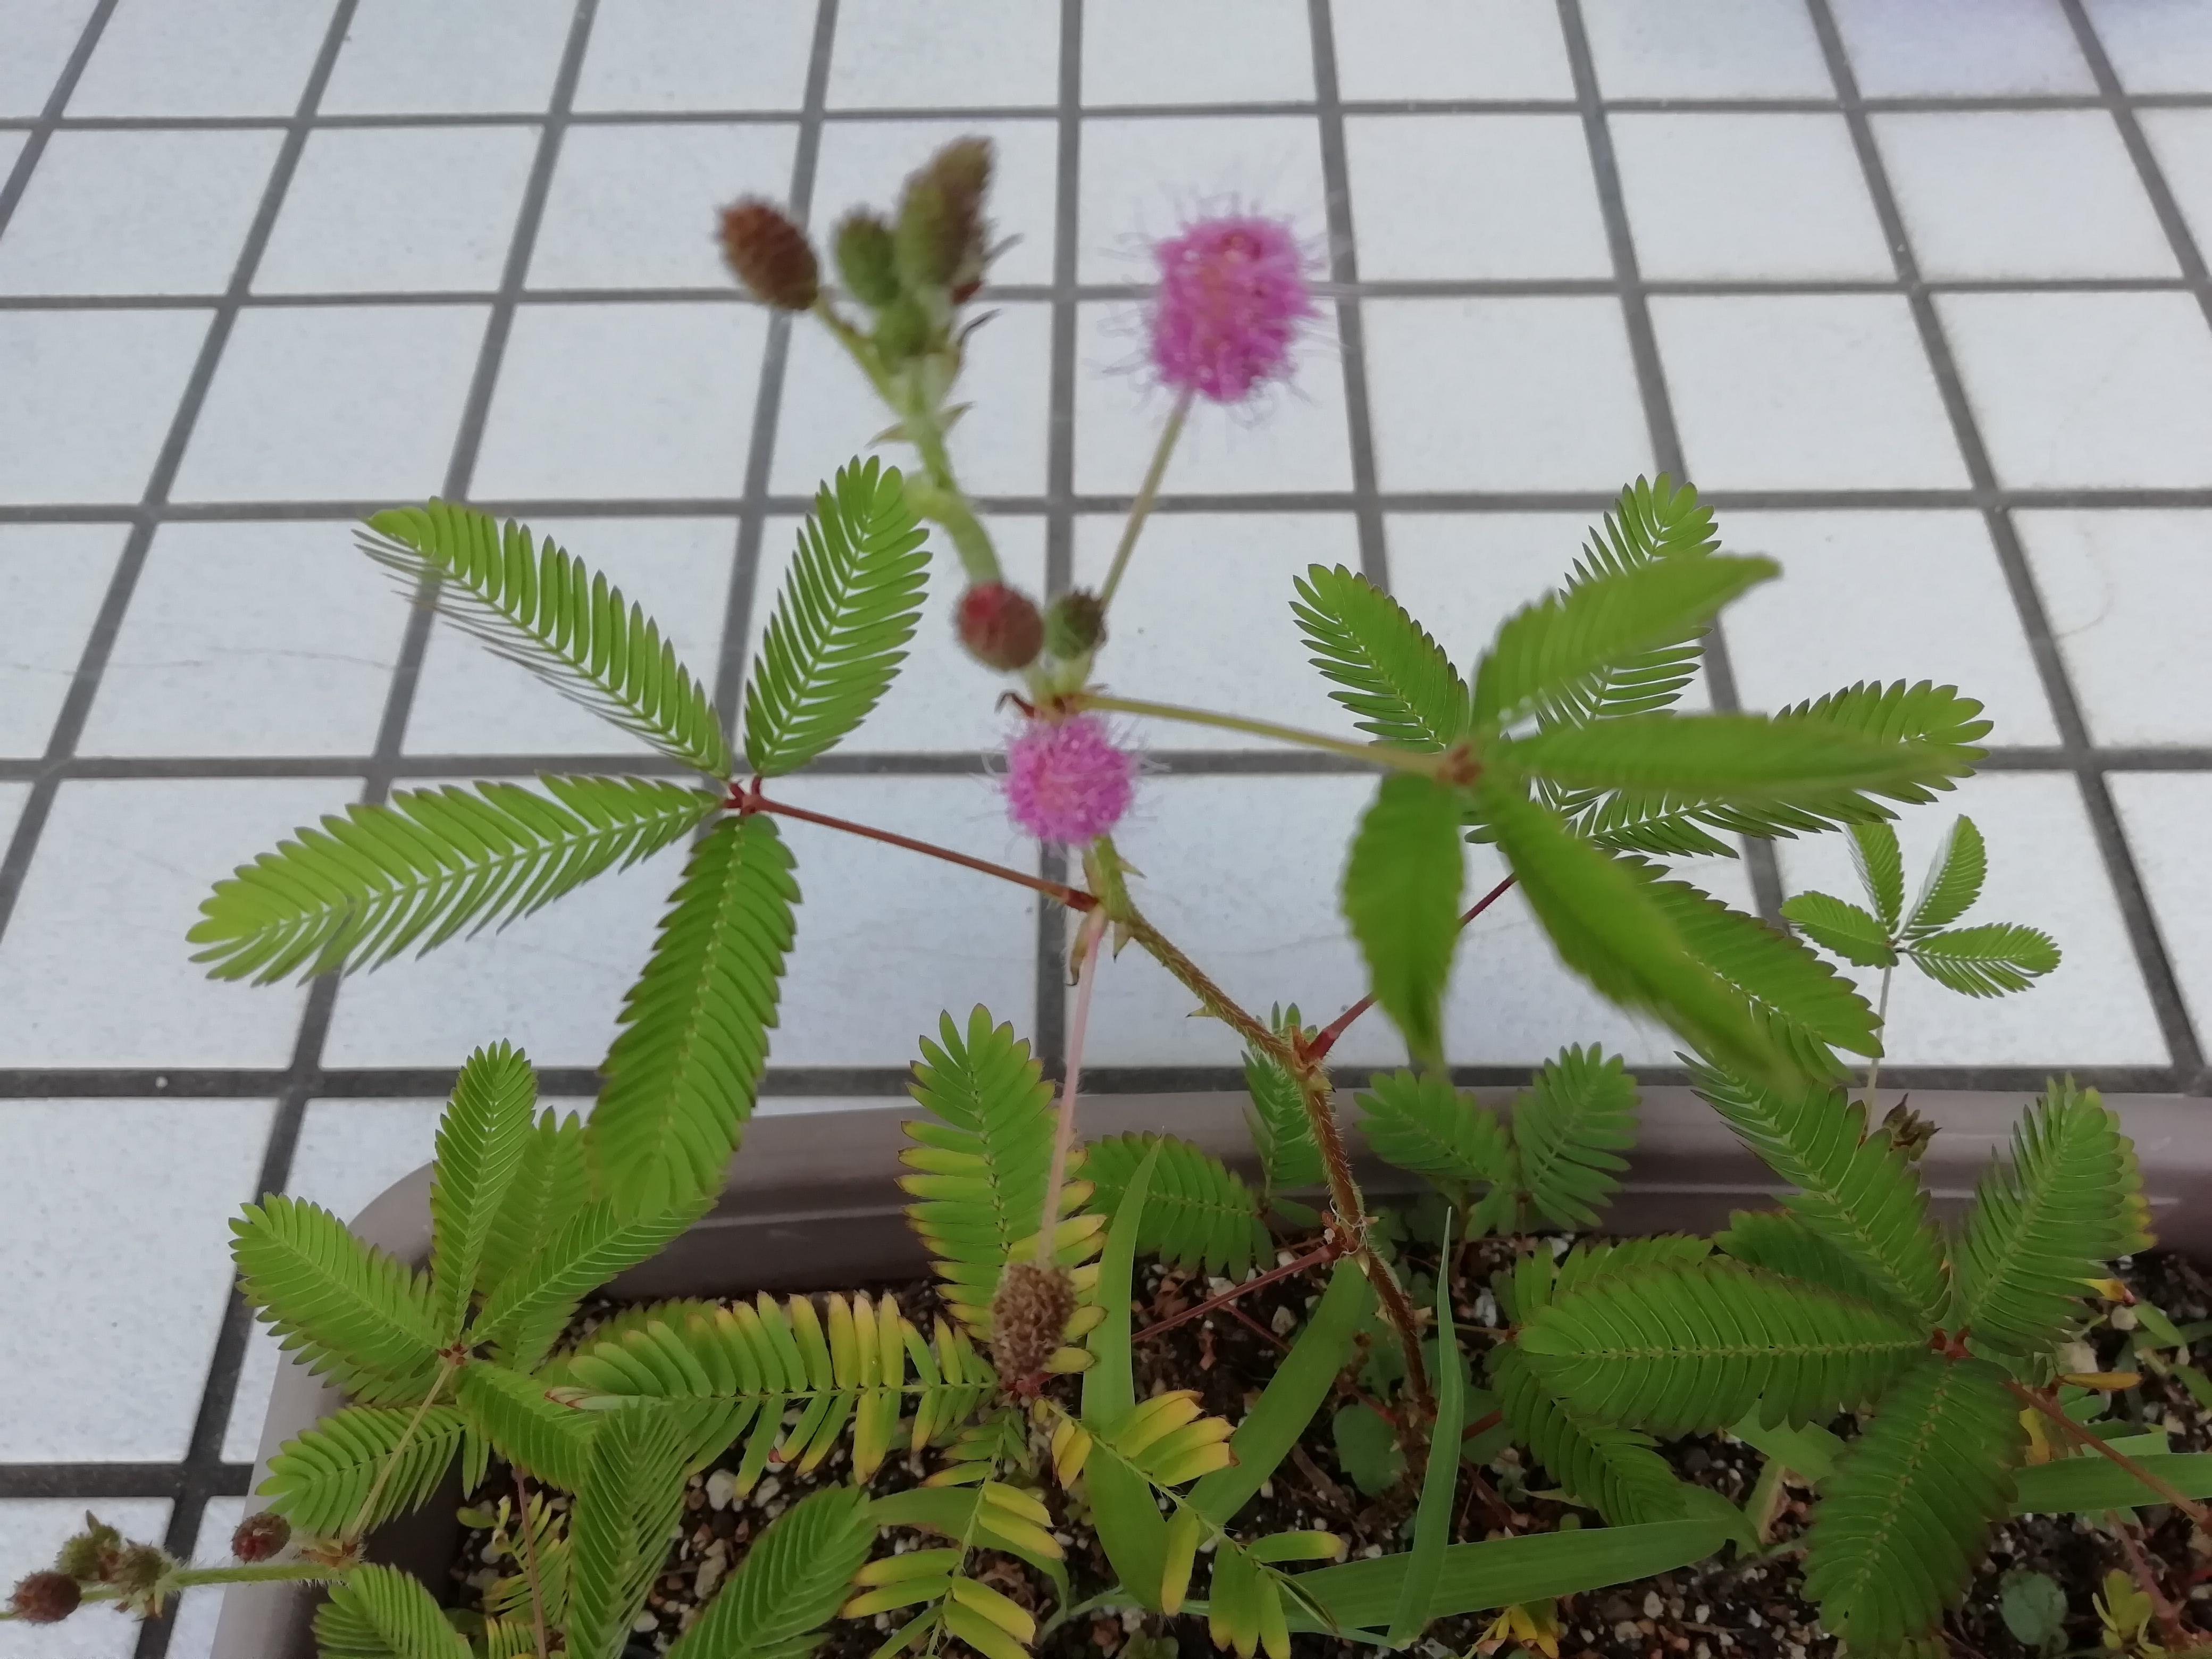 オジギソウの育て方!種から上手に枯らさずに花を咲かせる方法とは?